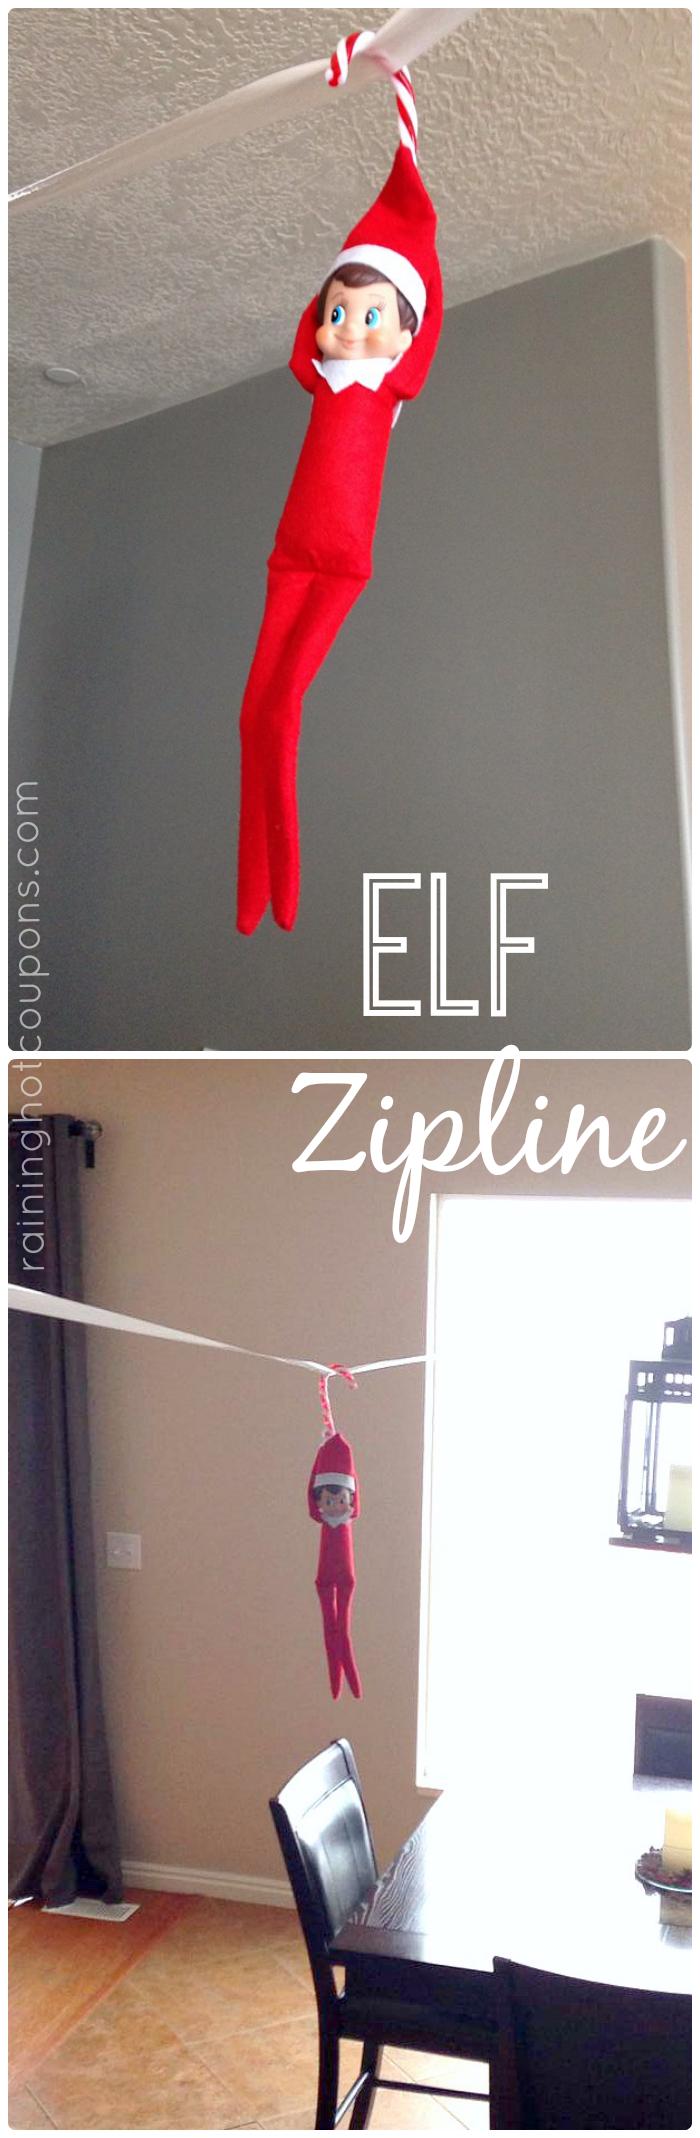 Elf Zipline